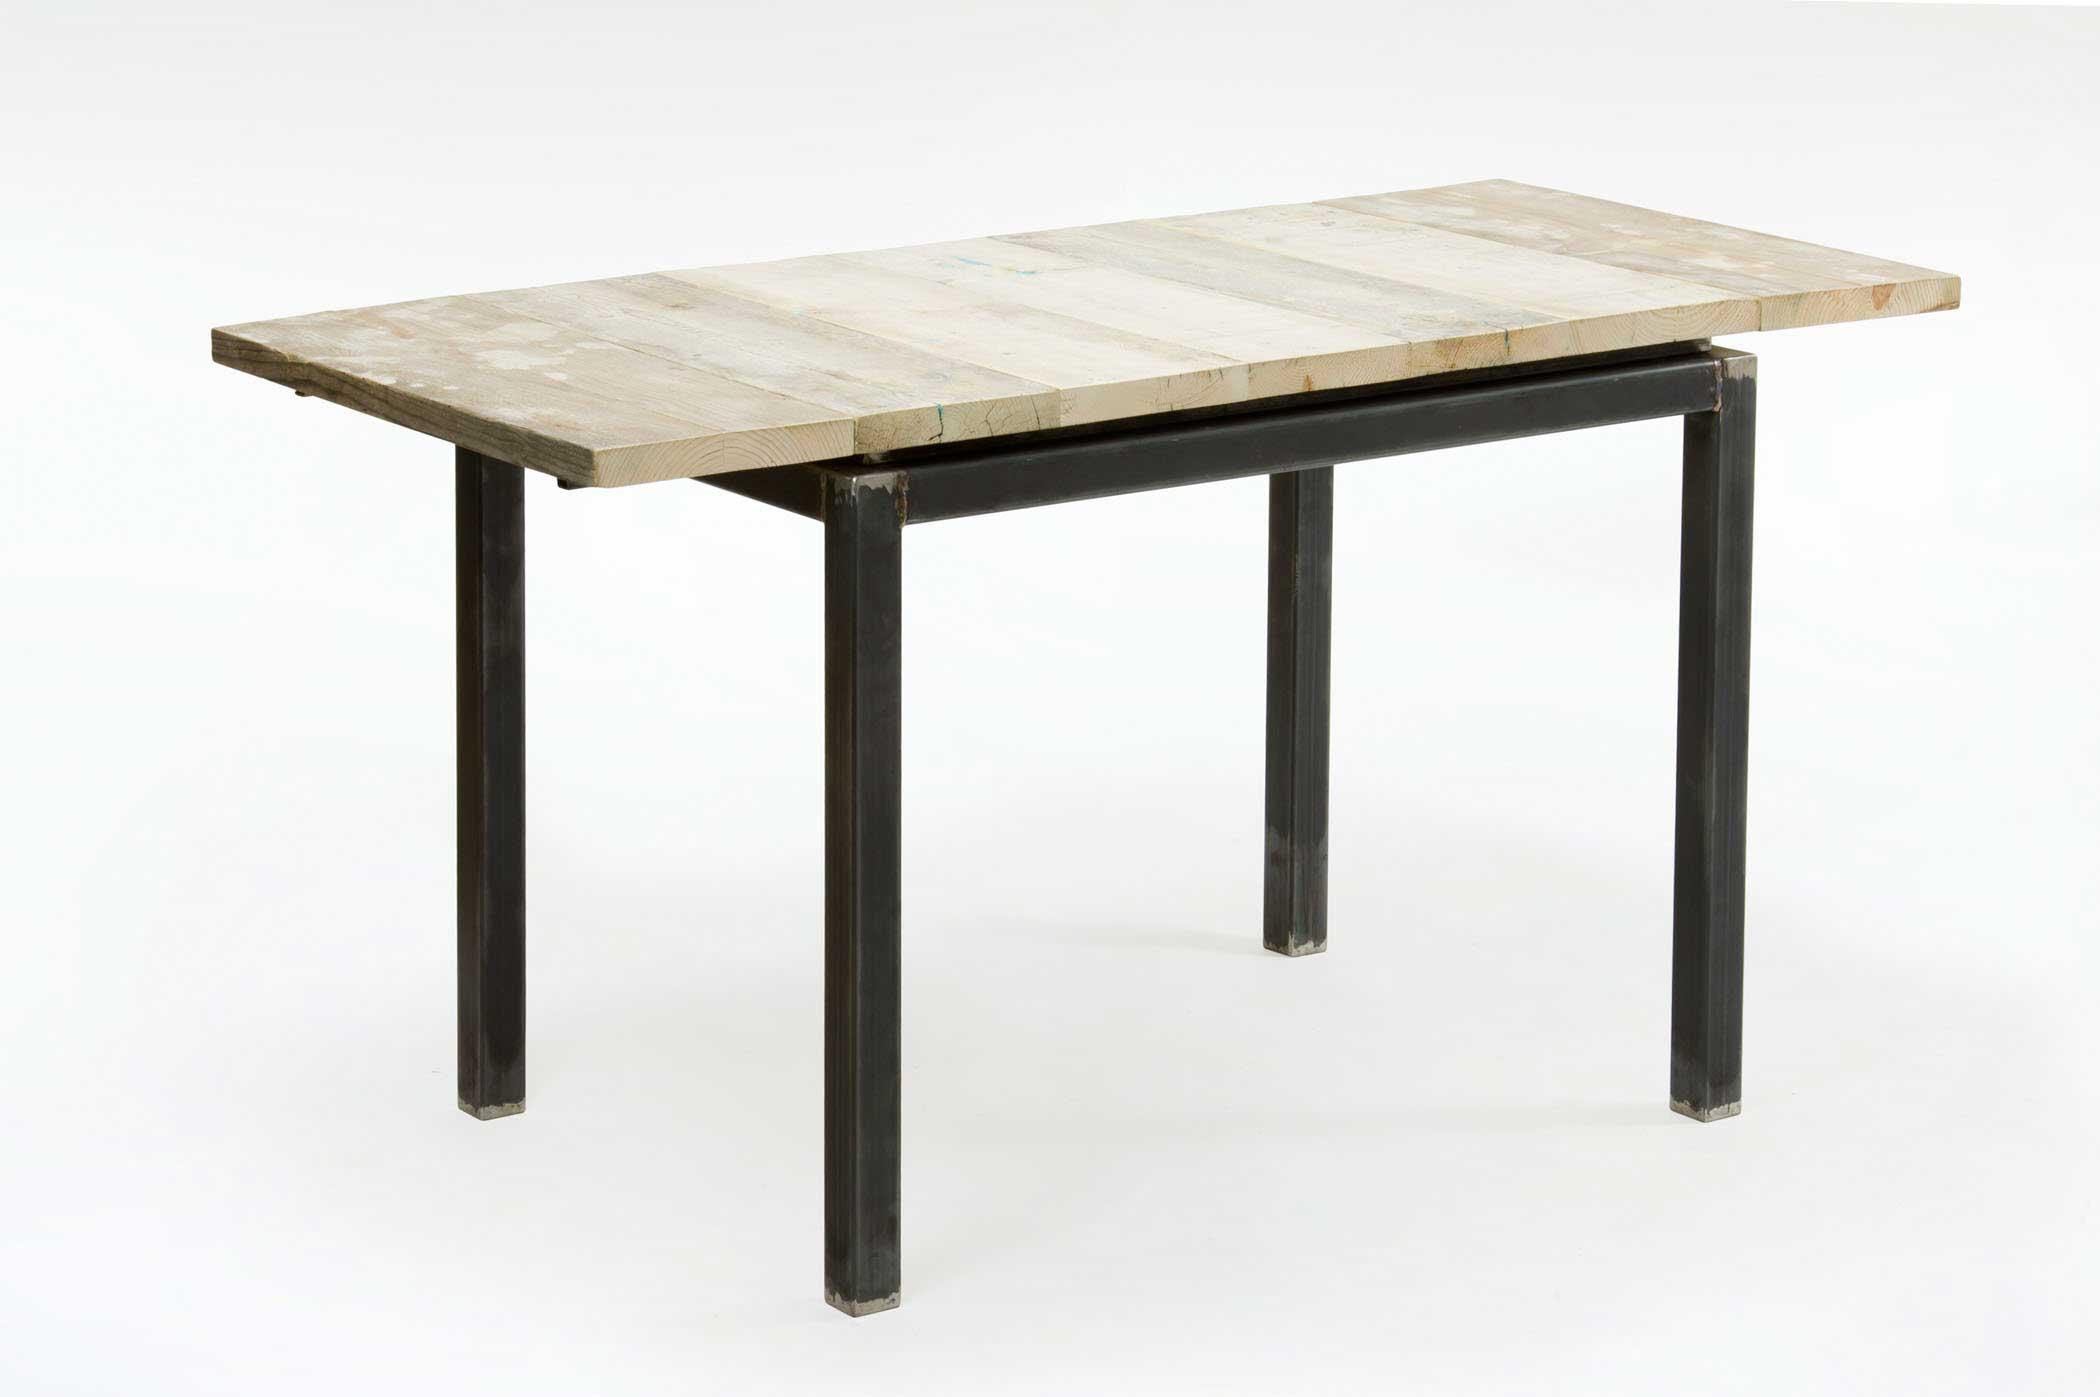 Tavolo allungabile su misura con legno antico restaurato e base in ferro